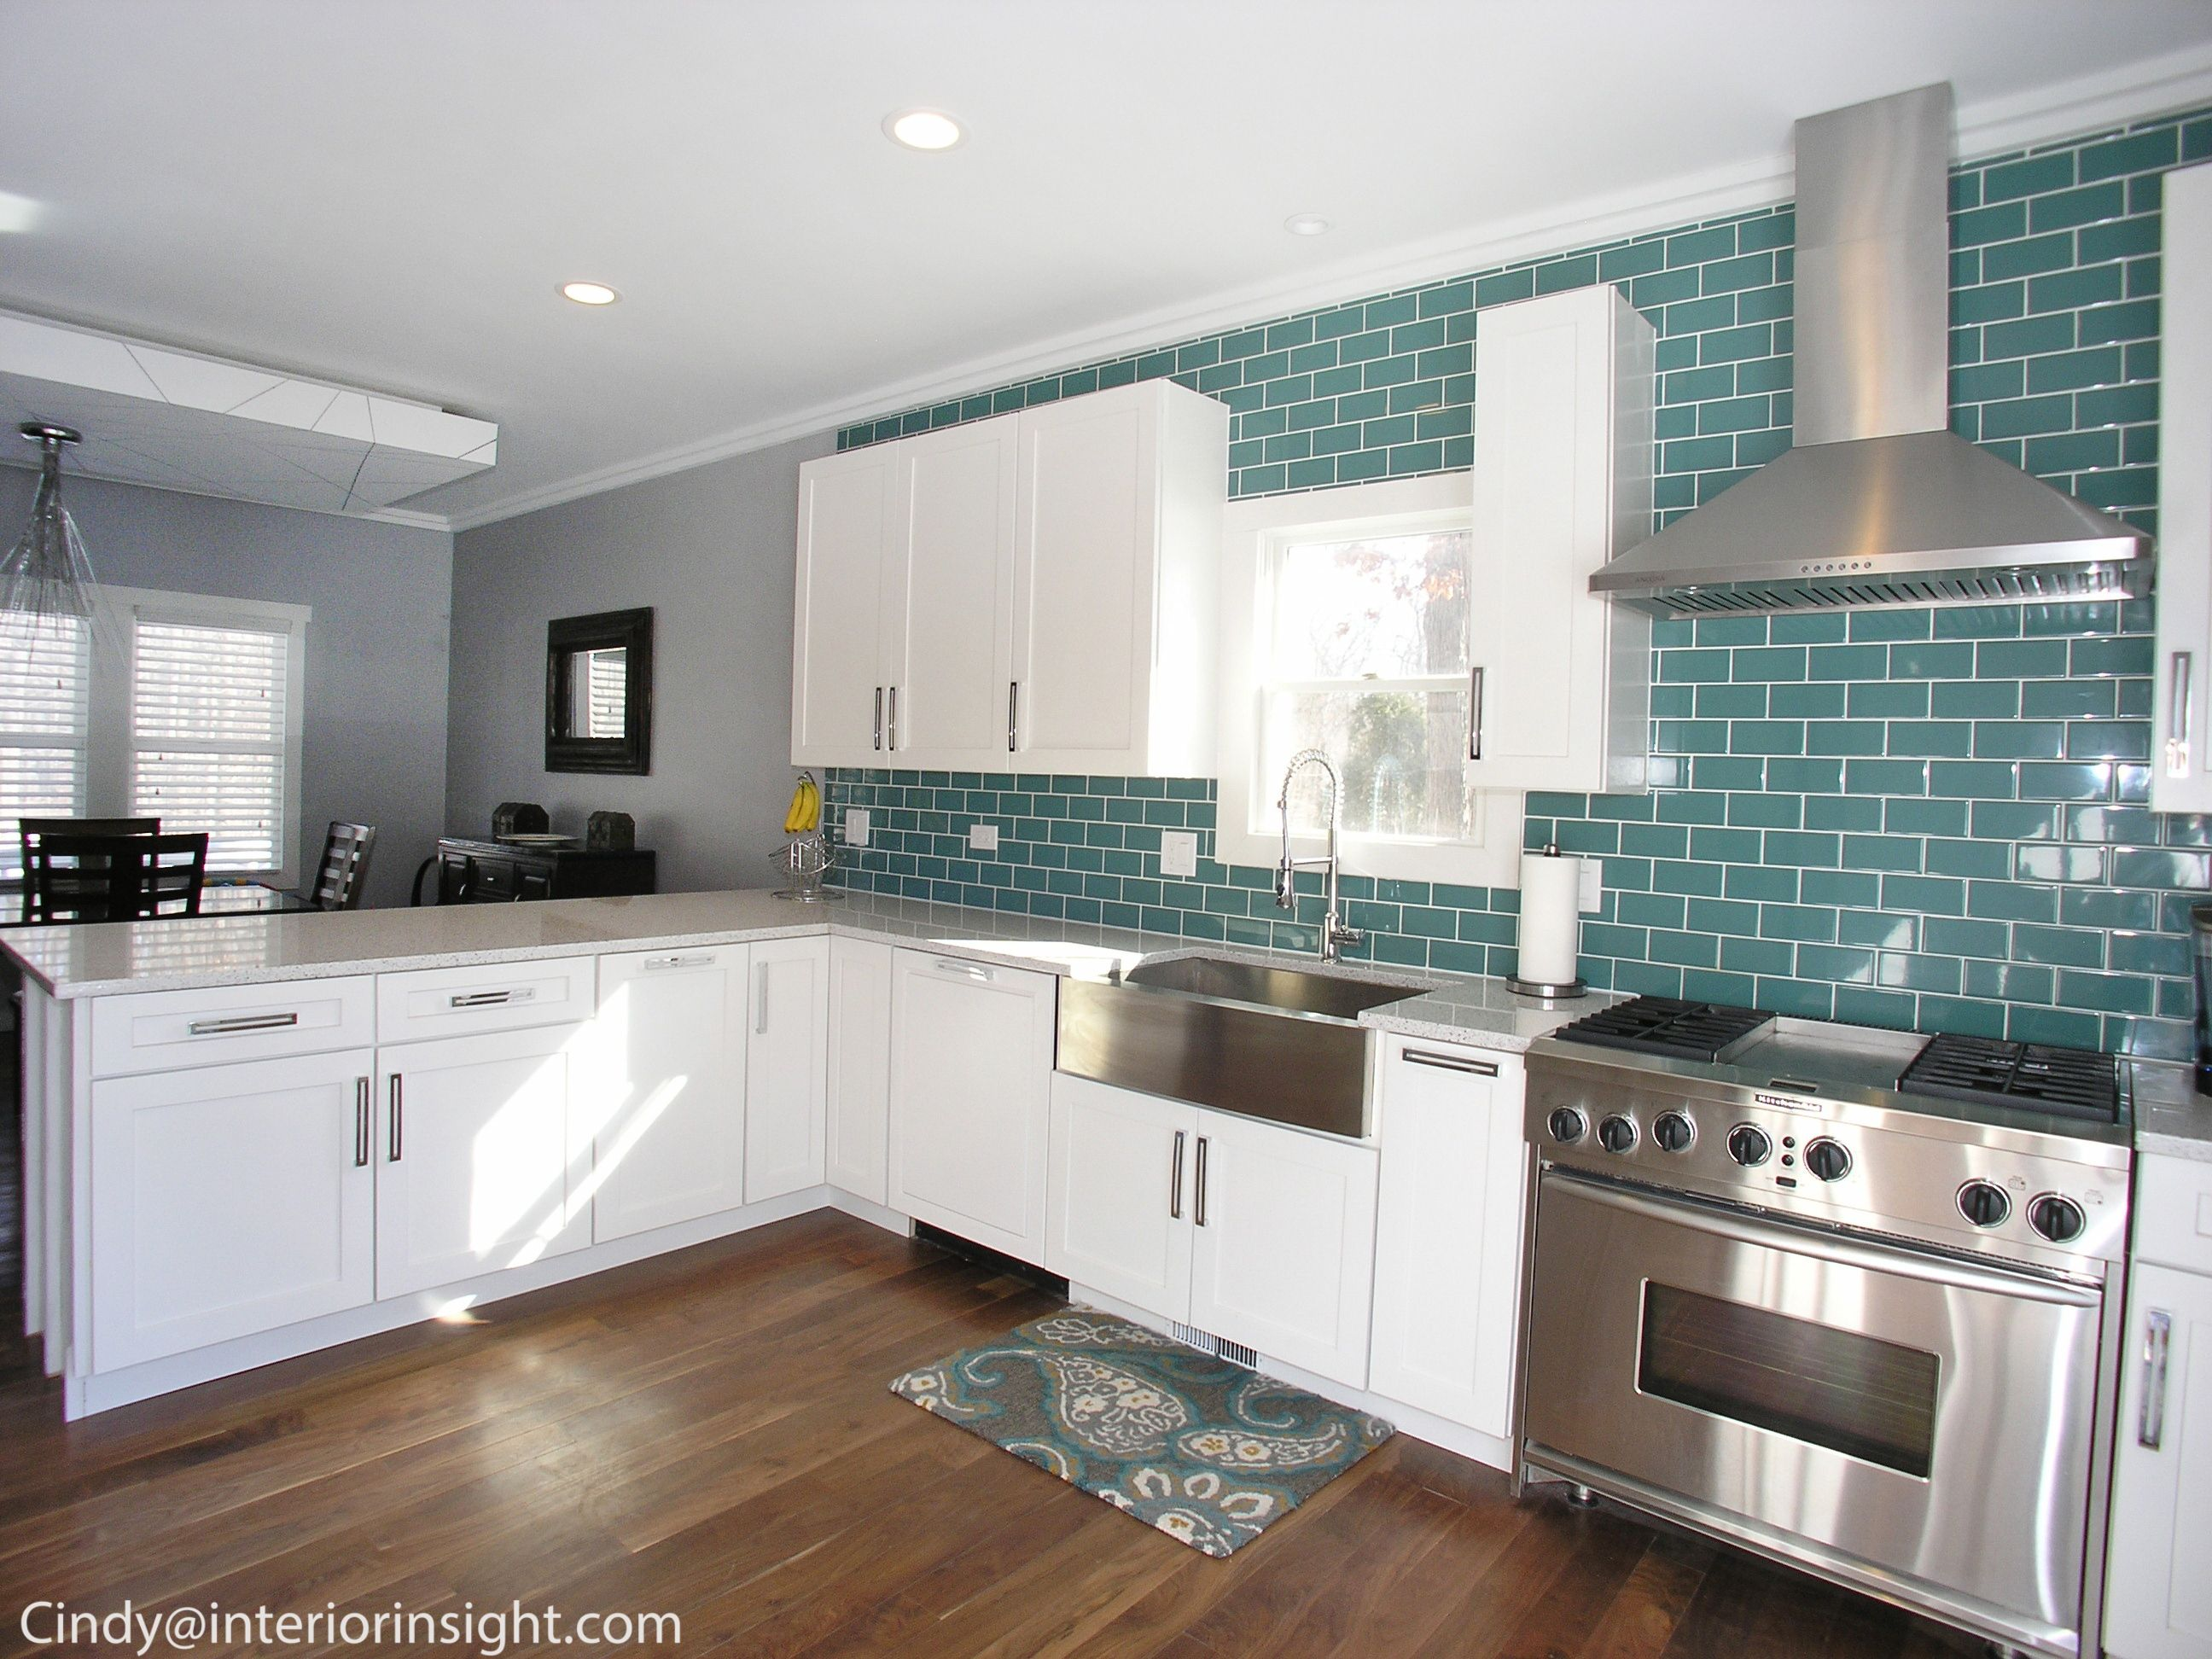 Teal Glass Backsplash In This Modern White Open Floorplan Kitchen